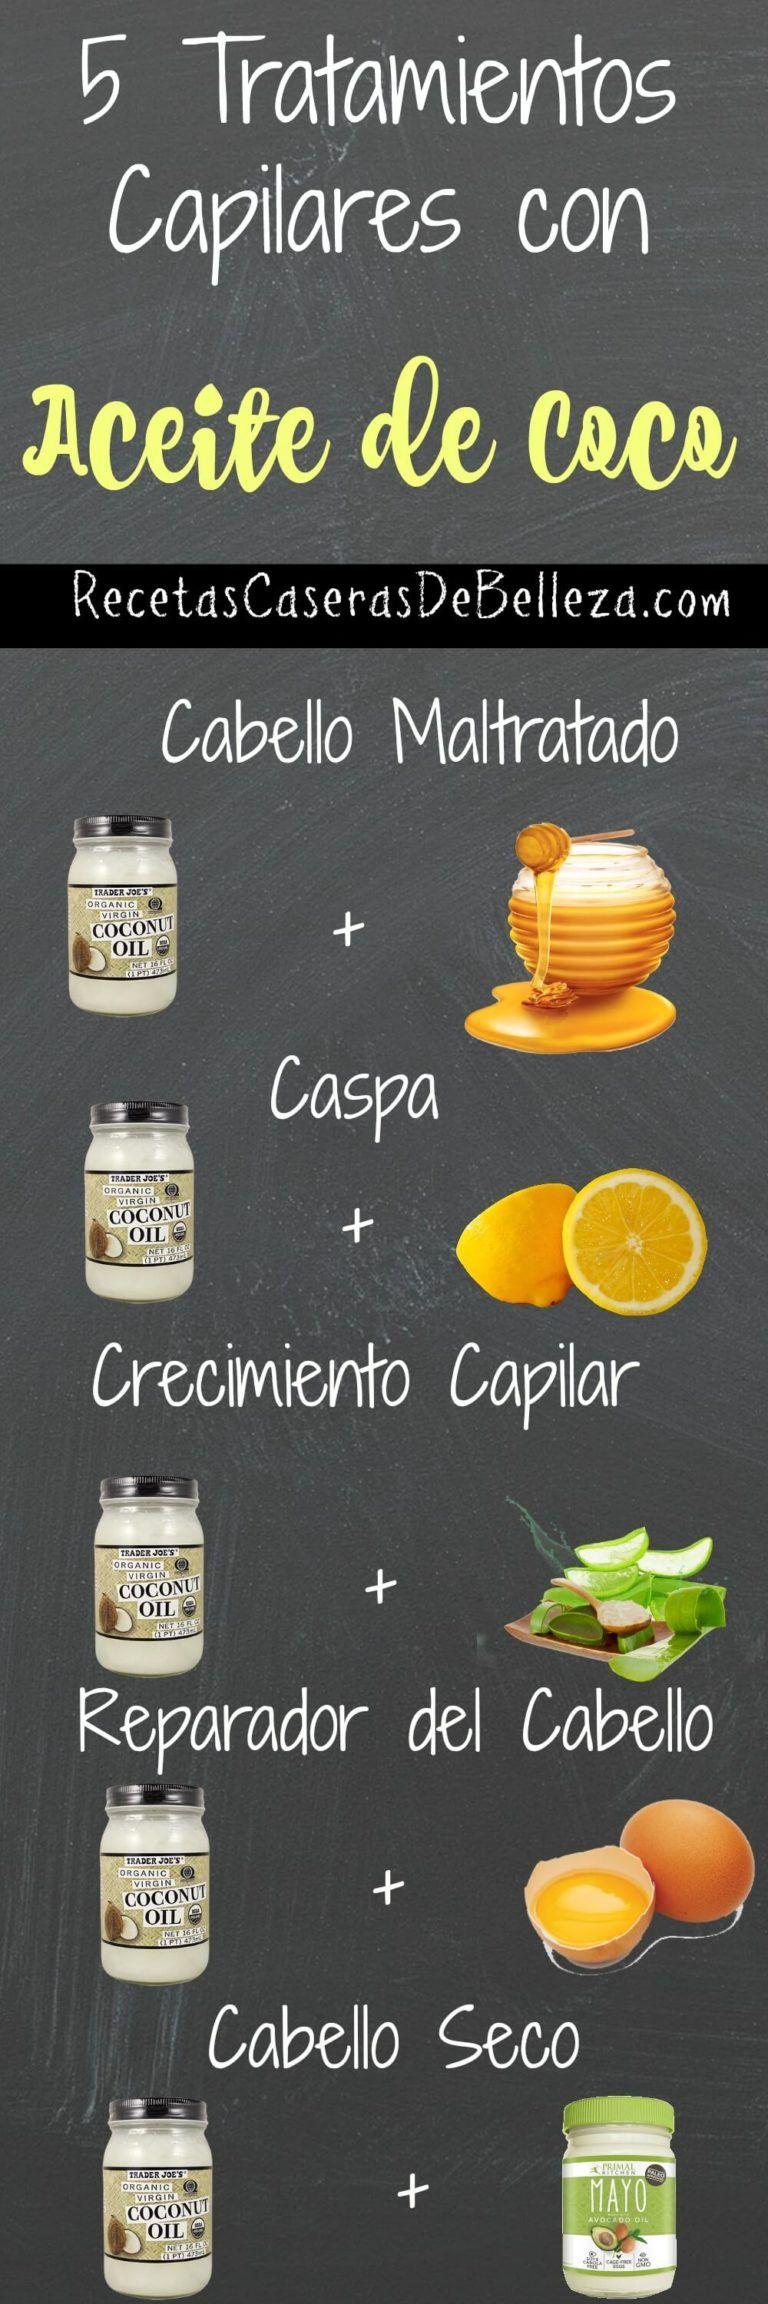 5 Tratamientos Capilares con Aceite de Coco Que Debes Tratar